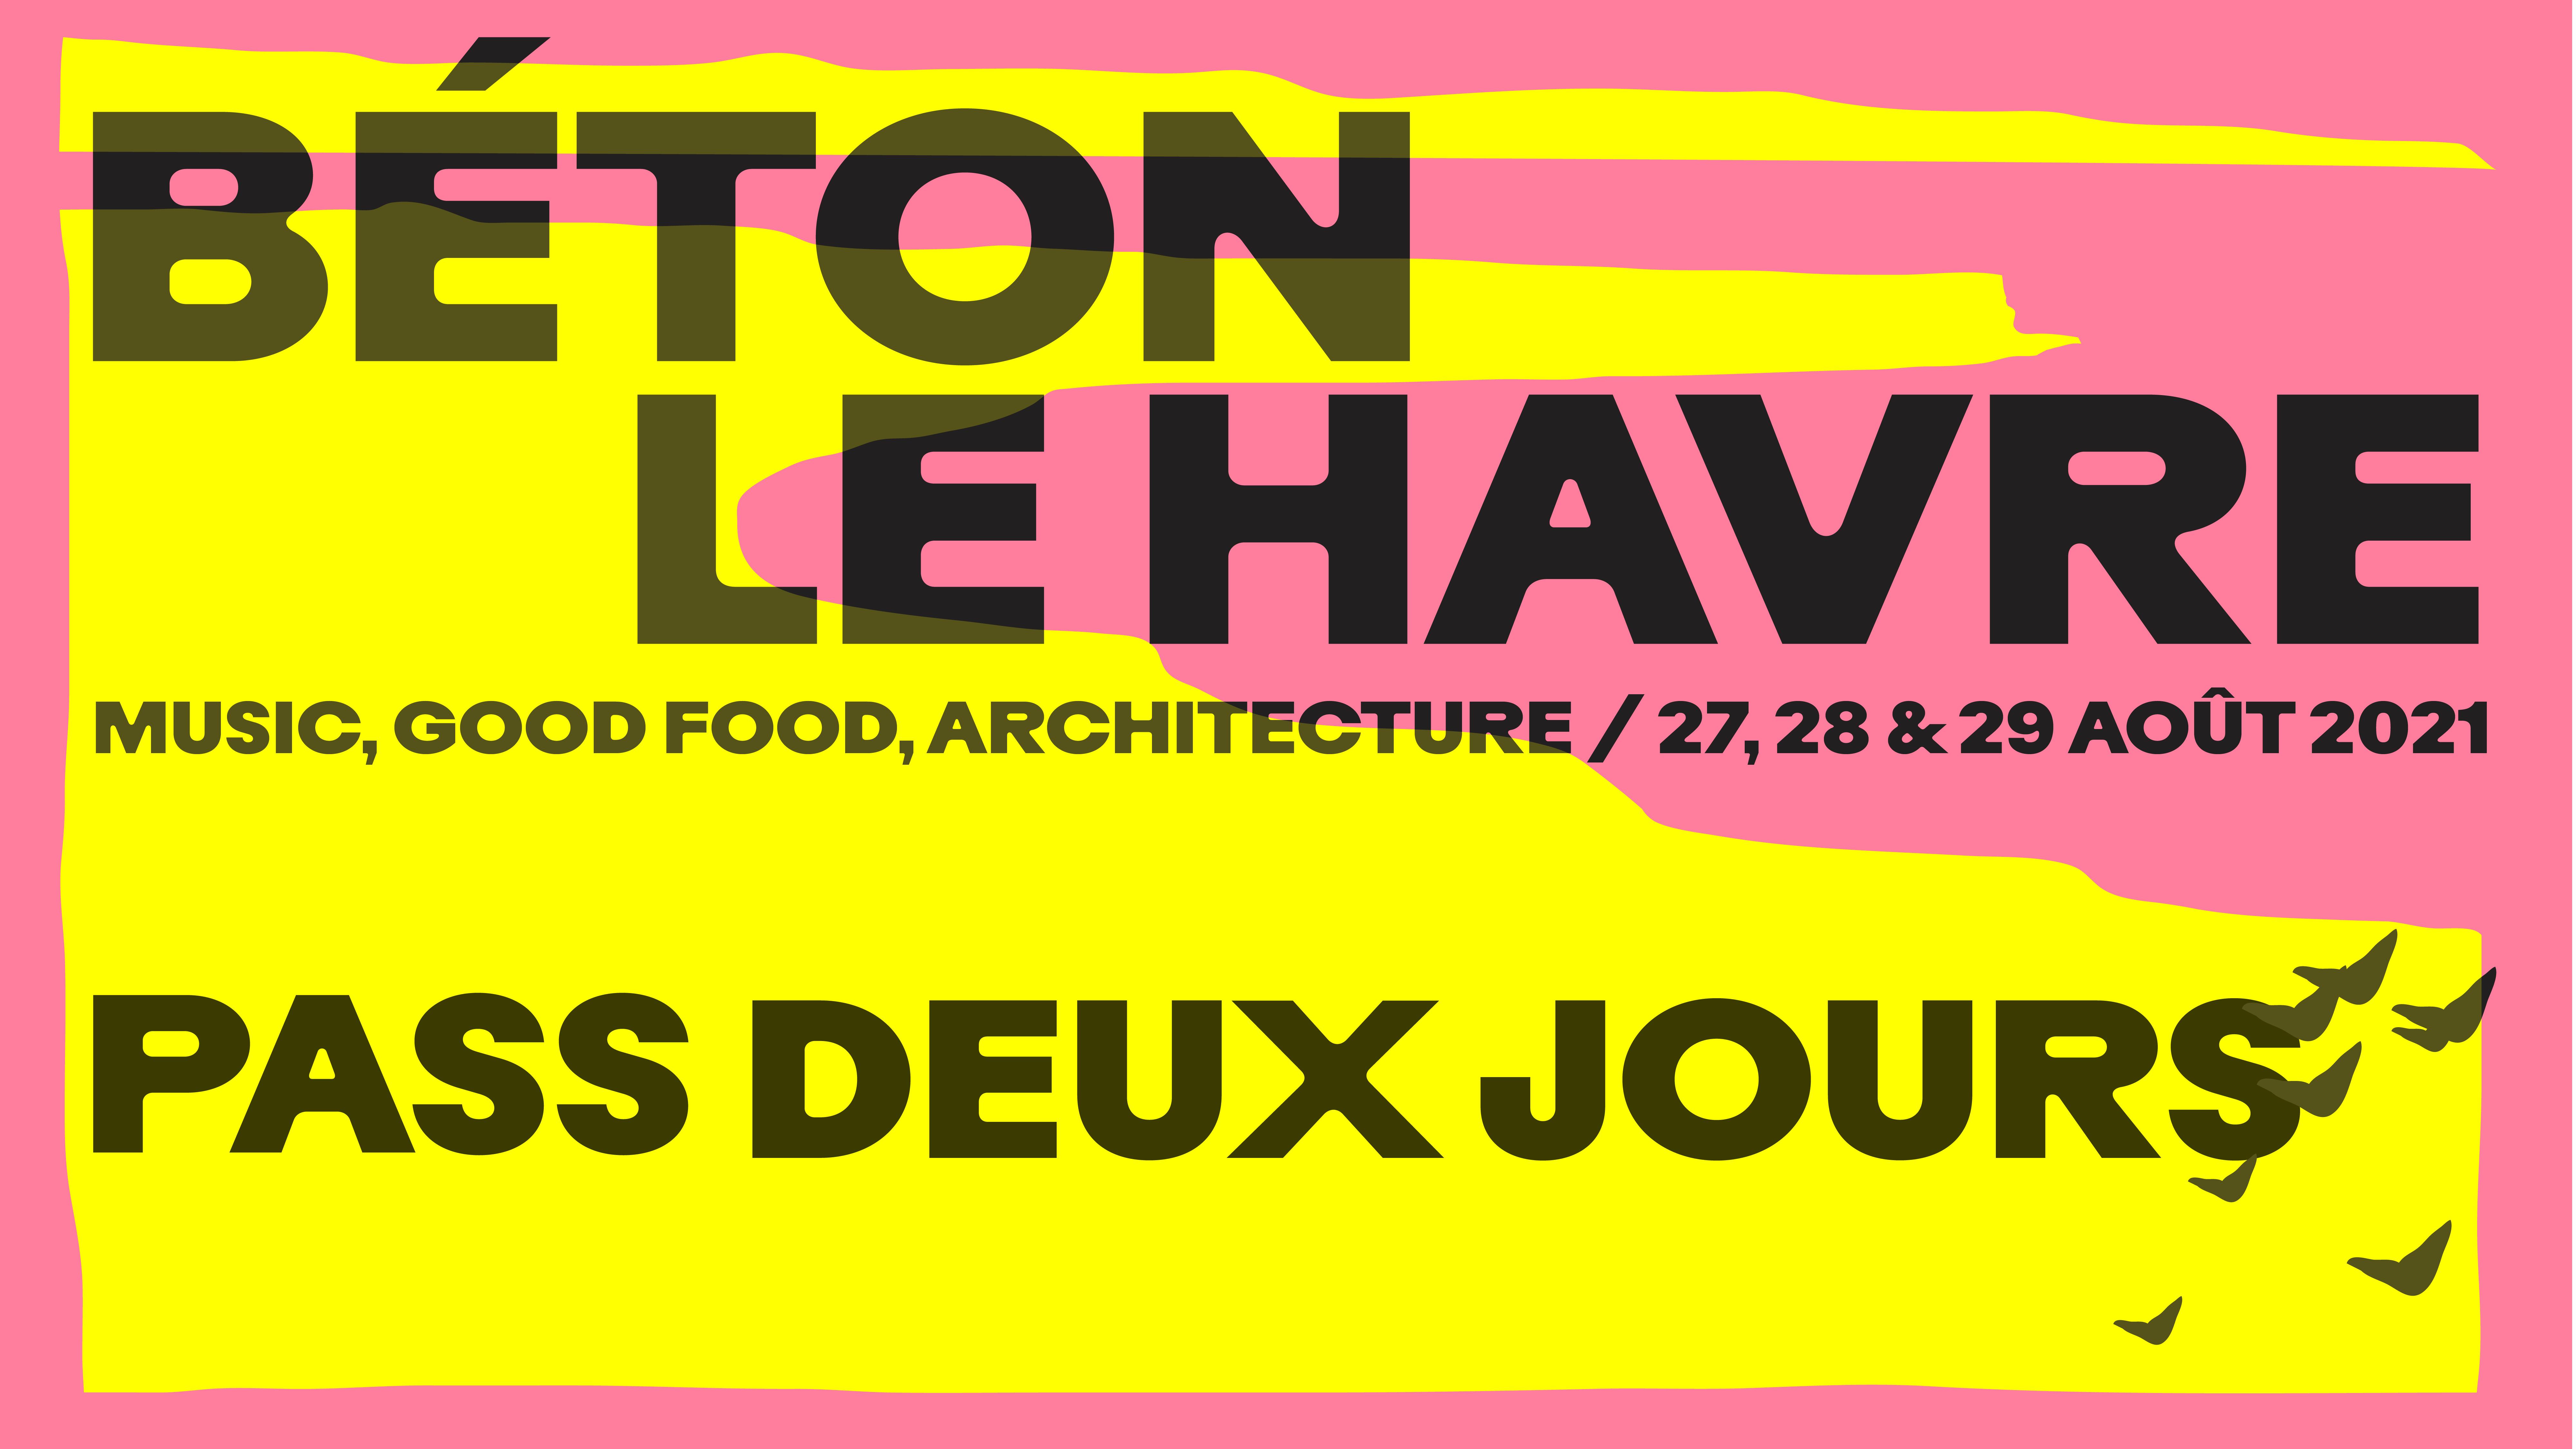 BÉTON FESTIVAL - PASS 2 JOURS